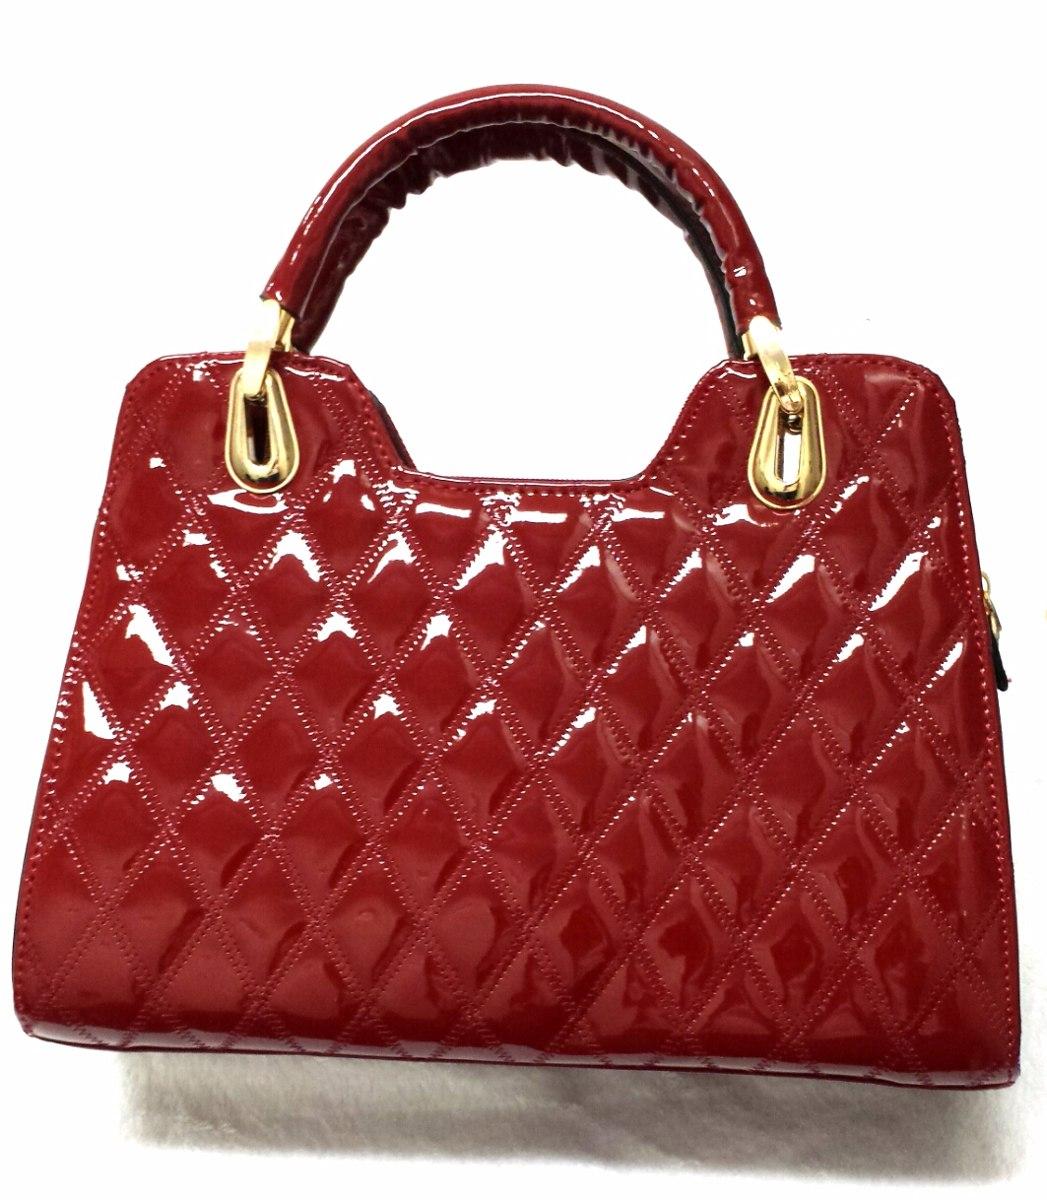 41da6ca07 Bolsa Feminina Em Verniz - R$ 153,00 em Mercado Livre